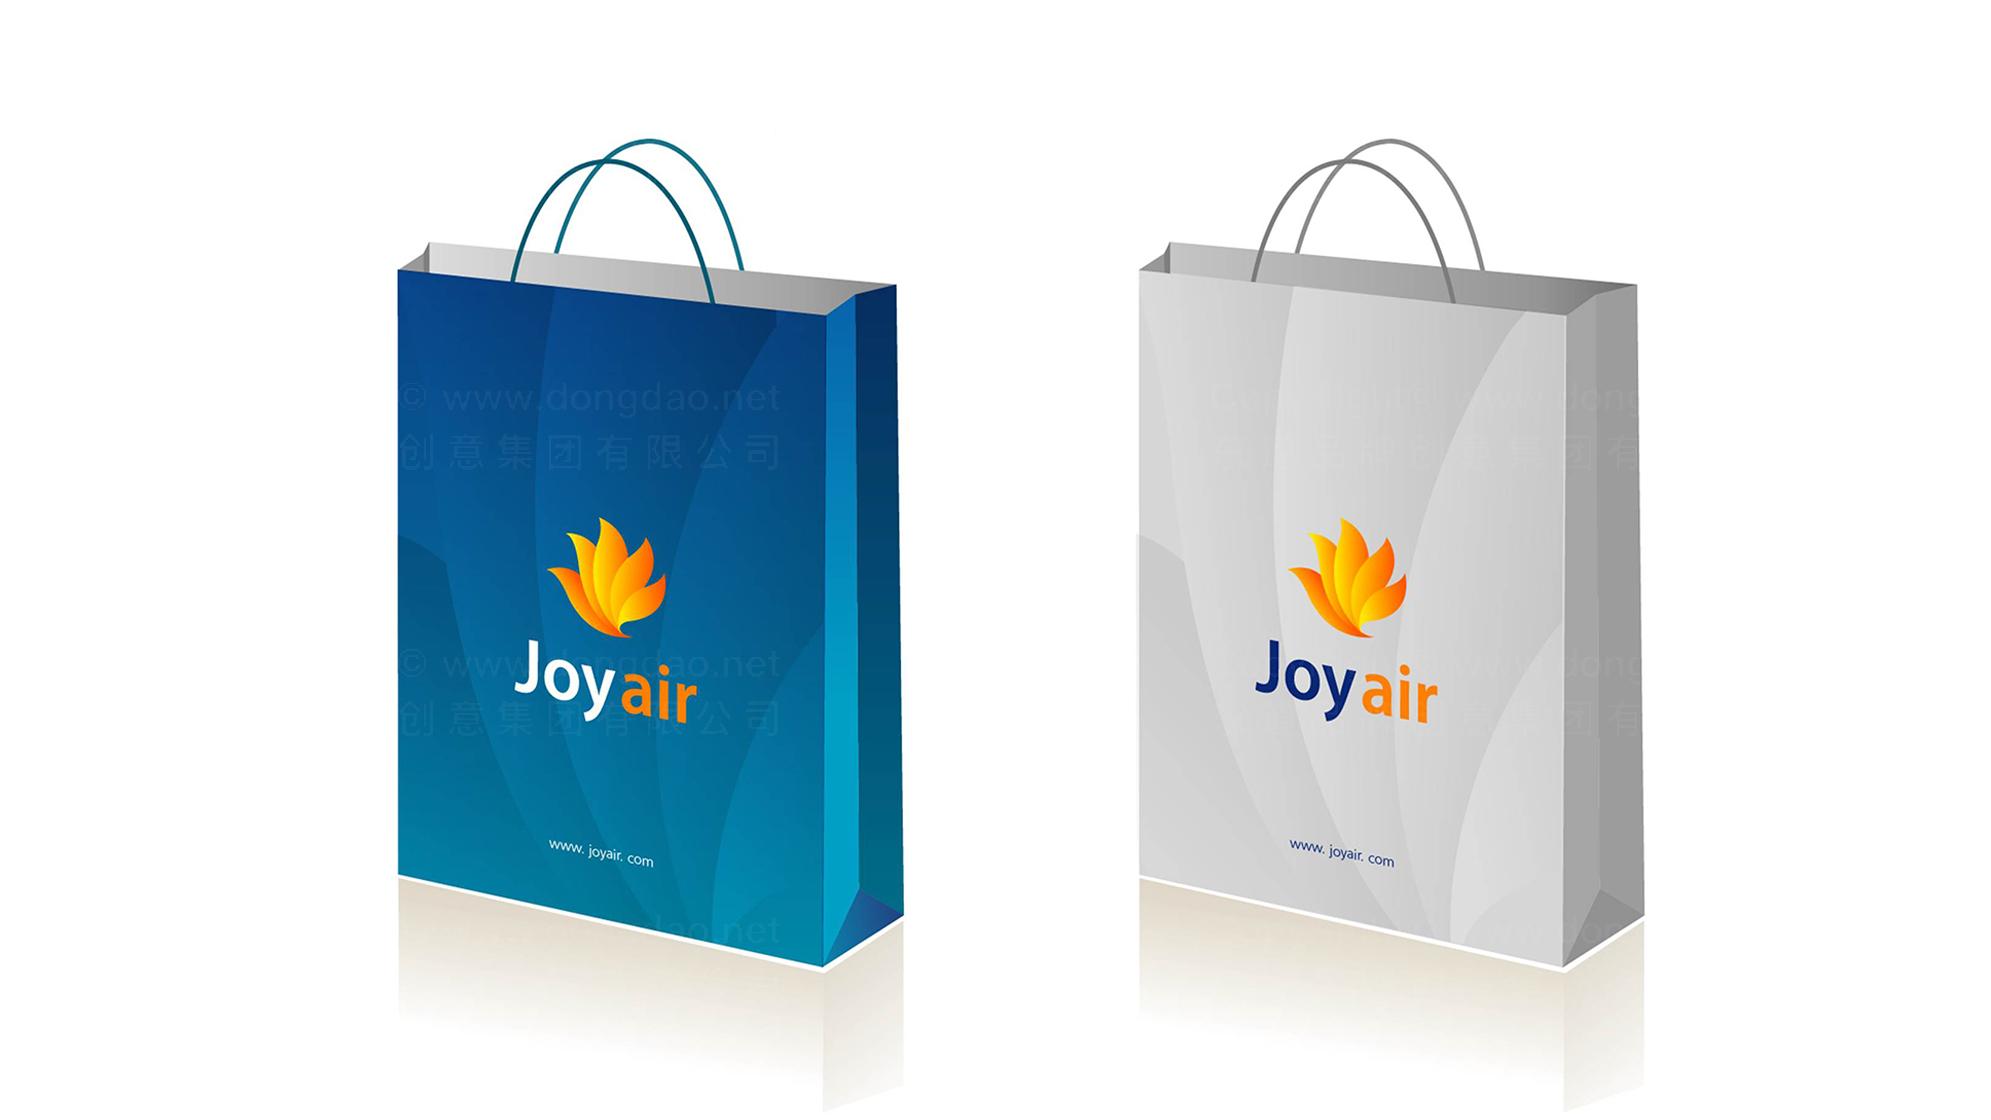 航空公司logo设计、vi设计应用场景_7